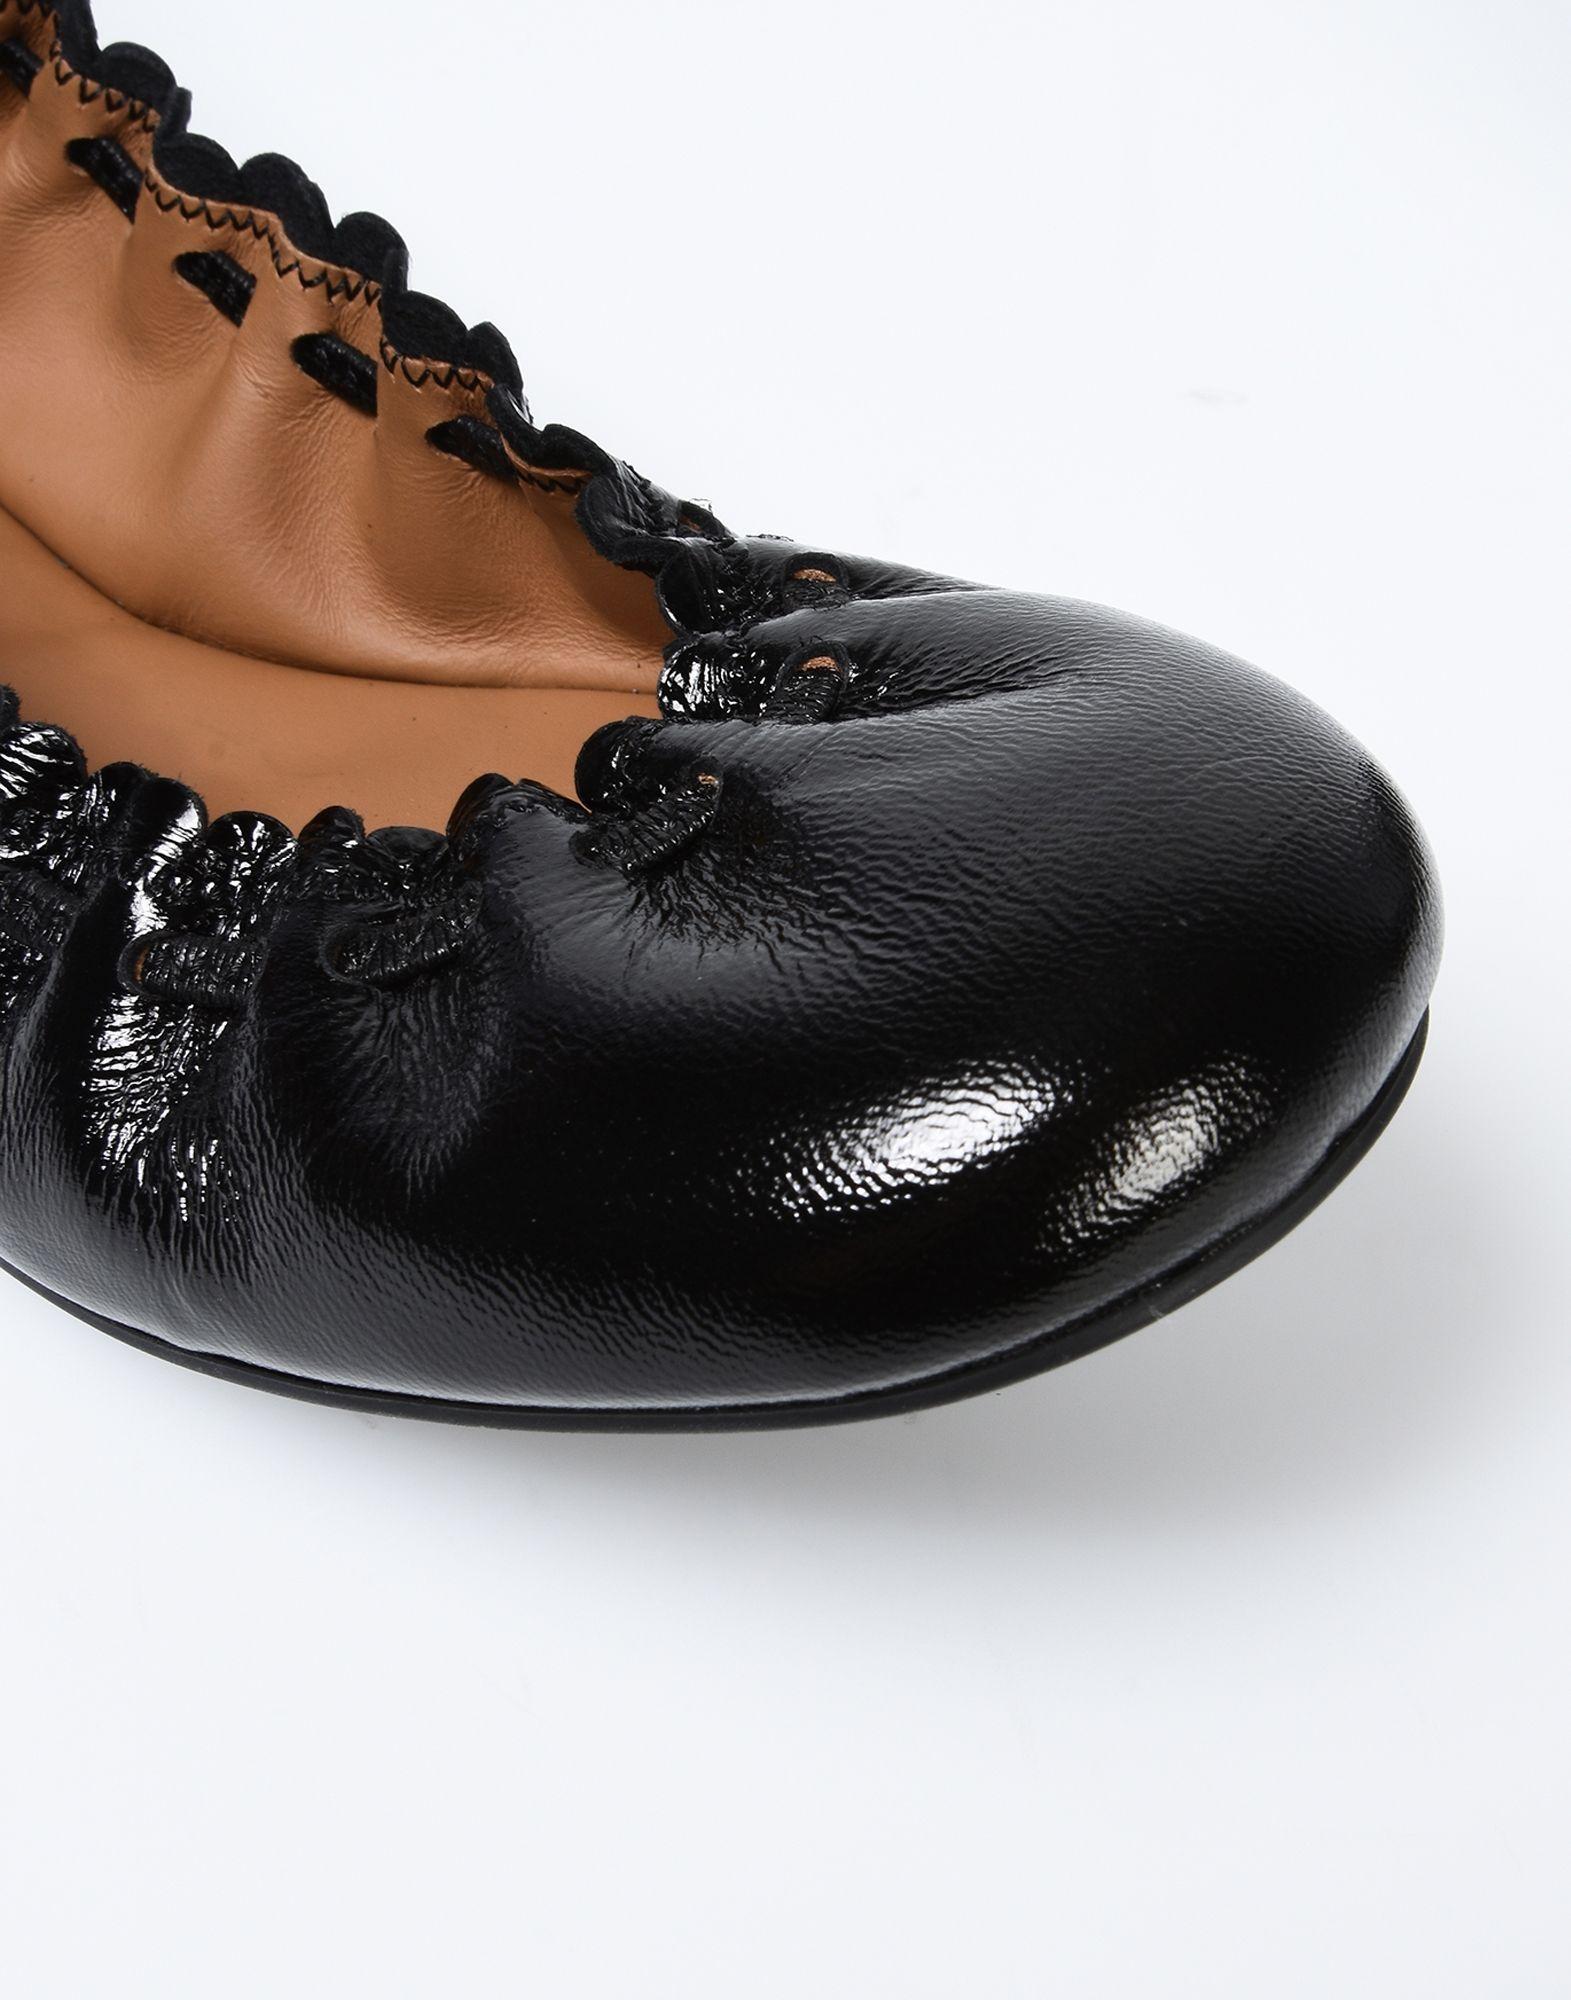 Rabatt Schuhe Ballerinas See By Chloé Ballerinas Schuhe Damen  11511209AP 91e6a4